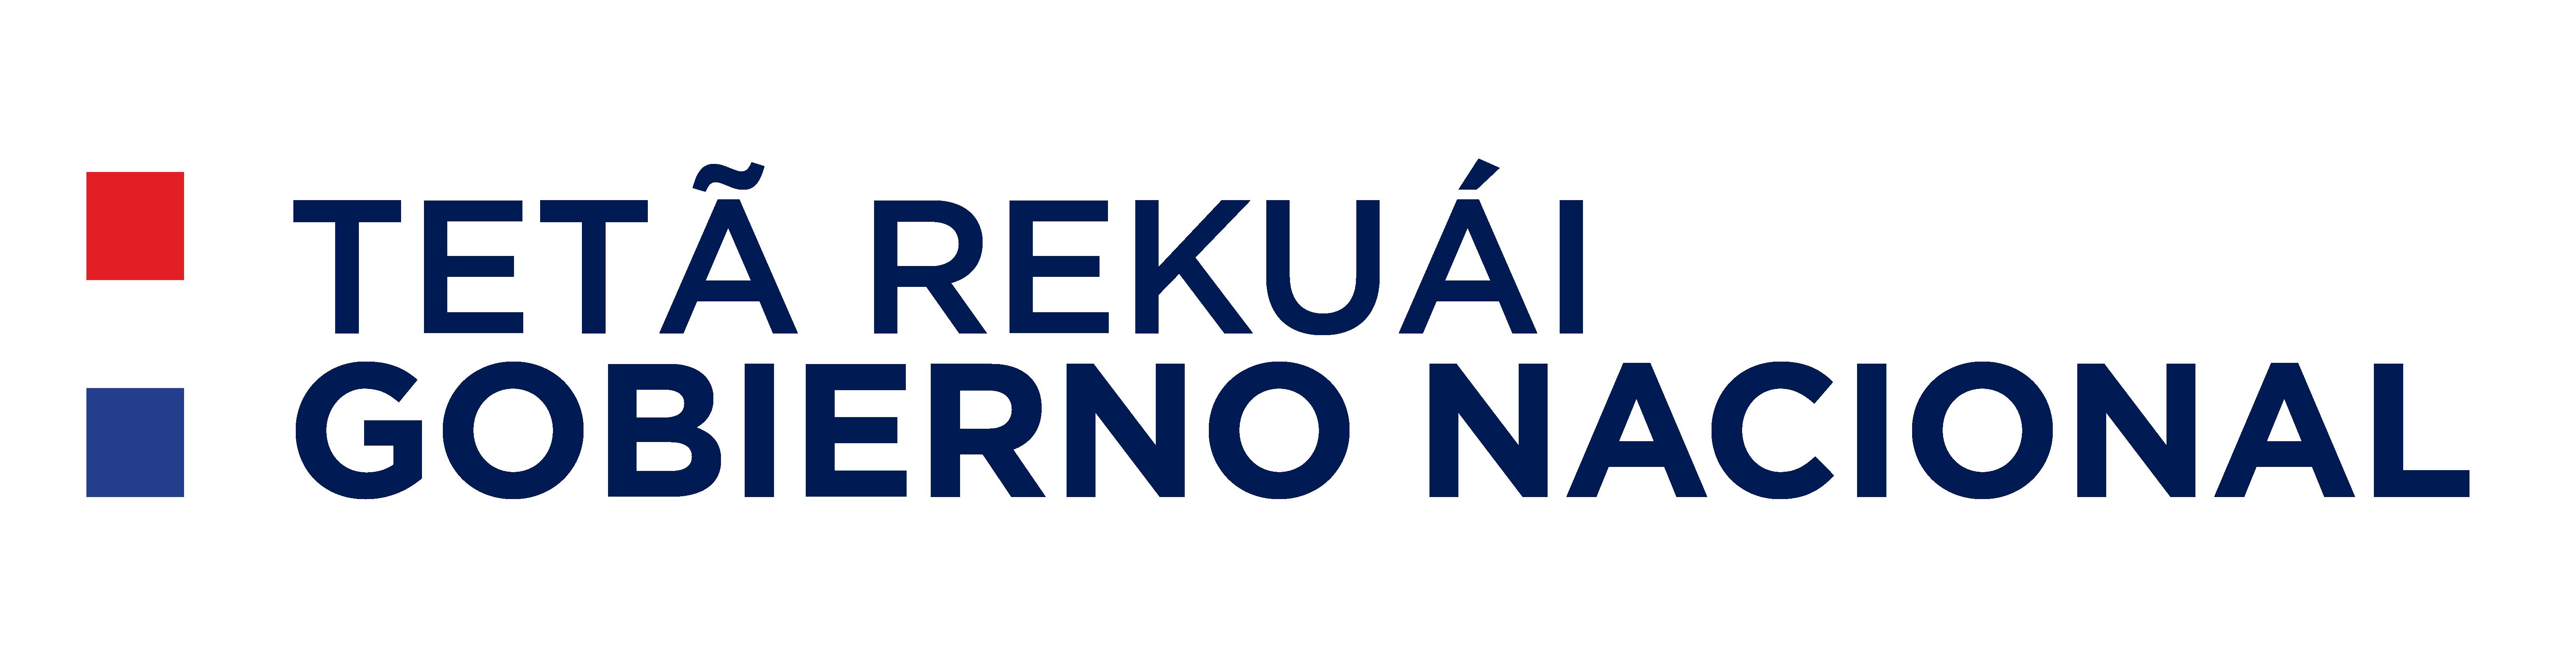 Logo Gobierno Nacional Paraguay